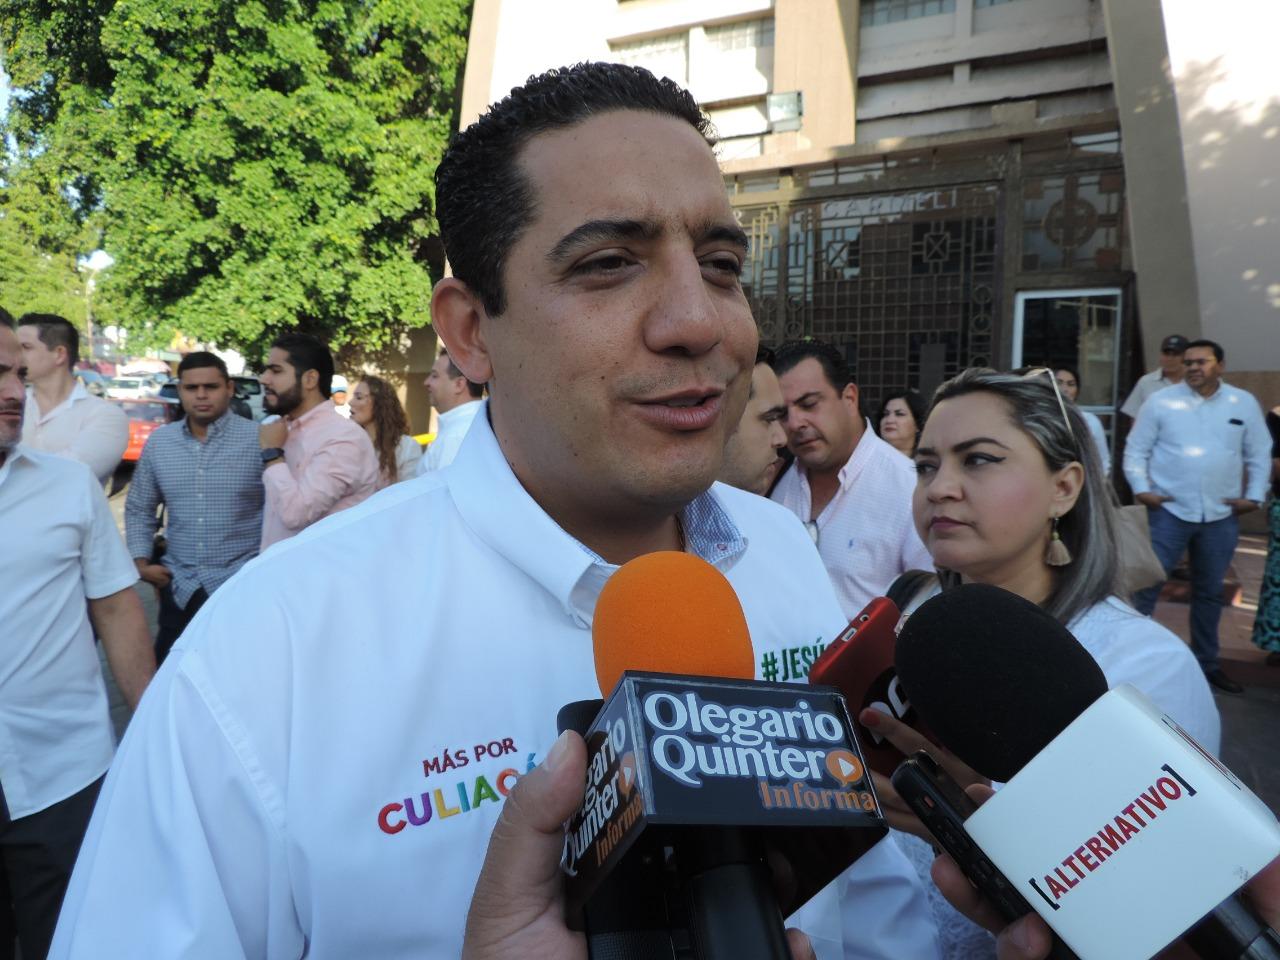 Busca Jesús Valdés promover en su campaña la participación ciudadana